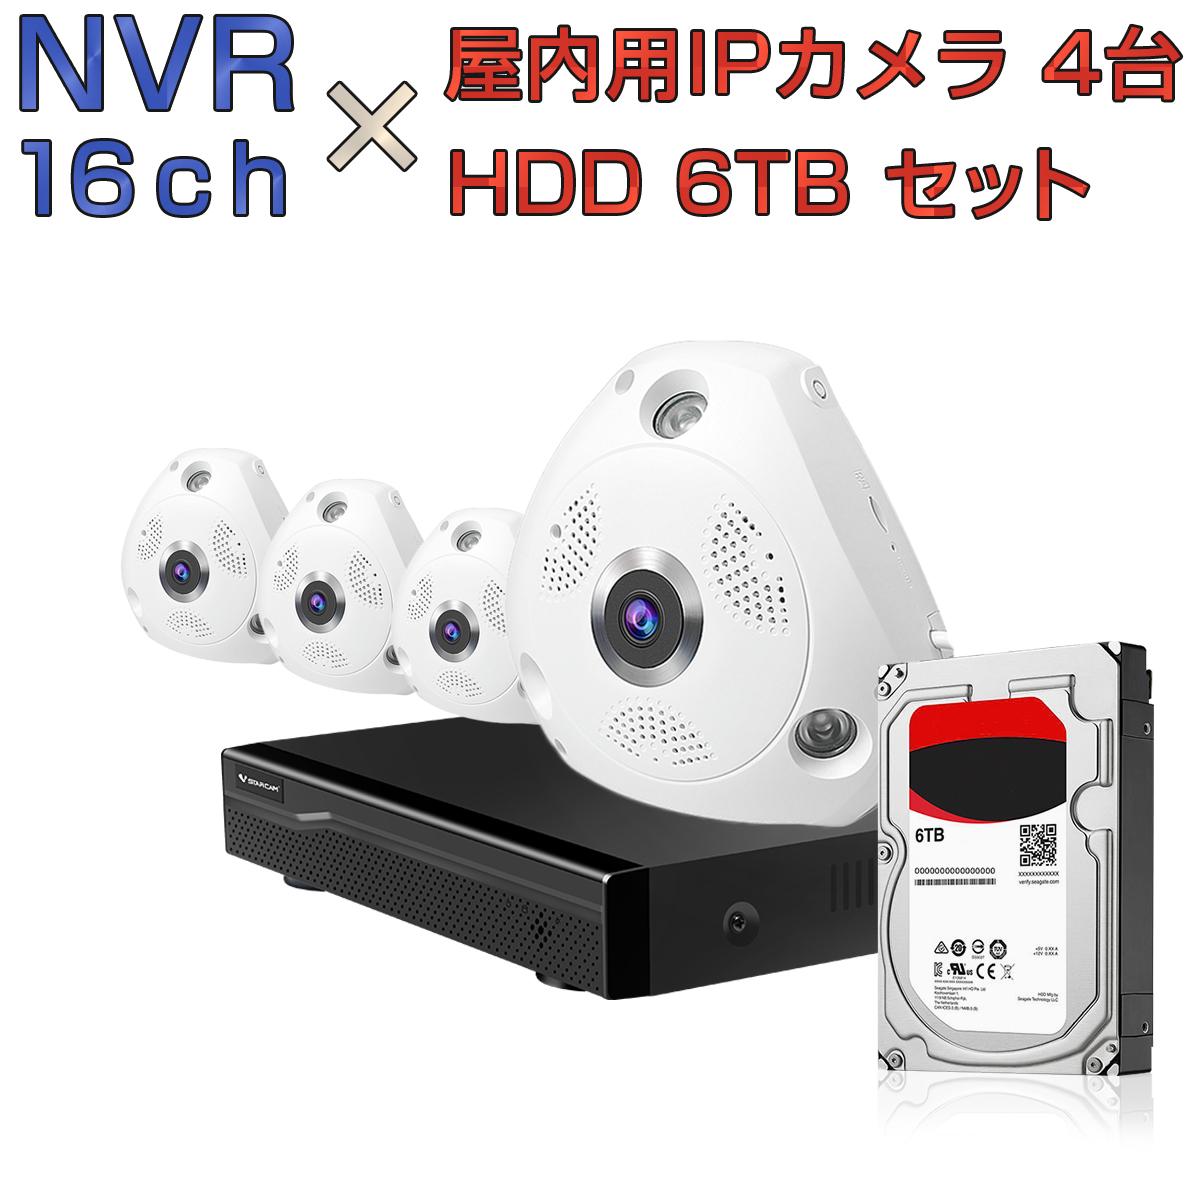 NVR ネットワークビデオレコーダー 16ch HDD6TB内蔵 C61S 2K 1080P 200万画素カメラ 4台セット IP ONVIF形式 スマホ対応 遠隔監視 1080P FHD 動体検知 同時出力 録音対応 H.265+ IPカメラレコーダー監視システム 宅配便送料無料 1年保証